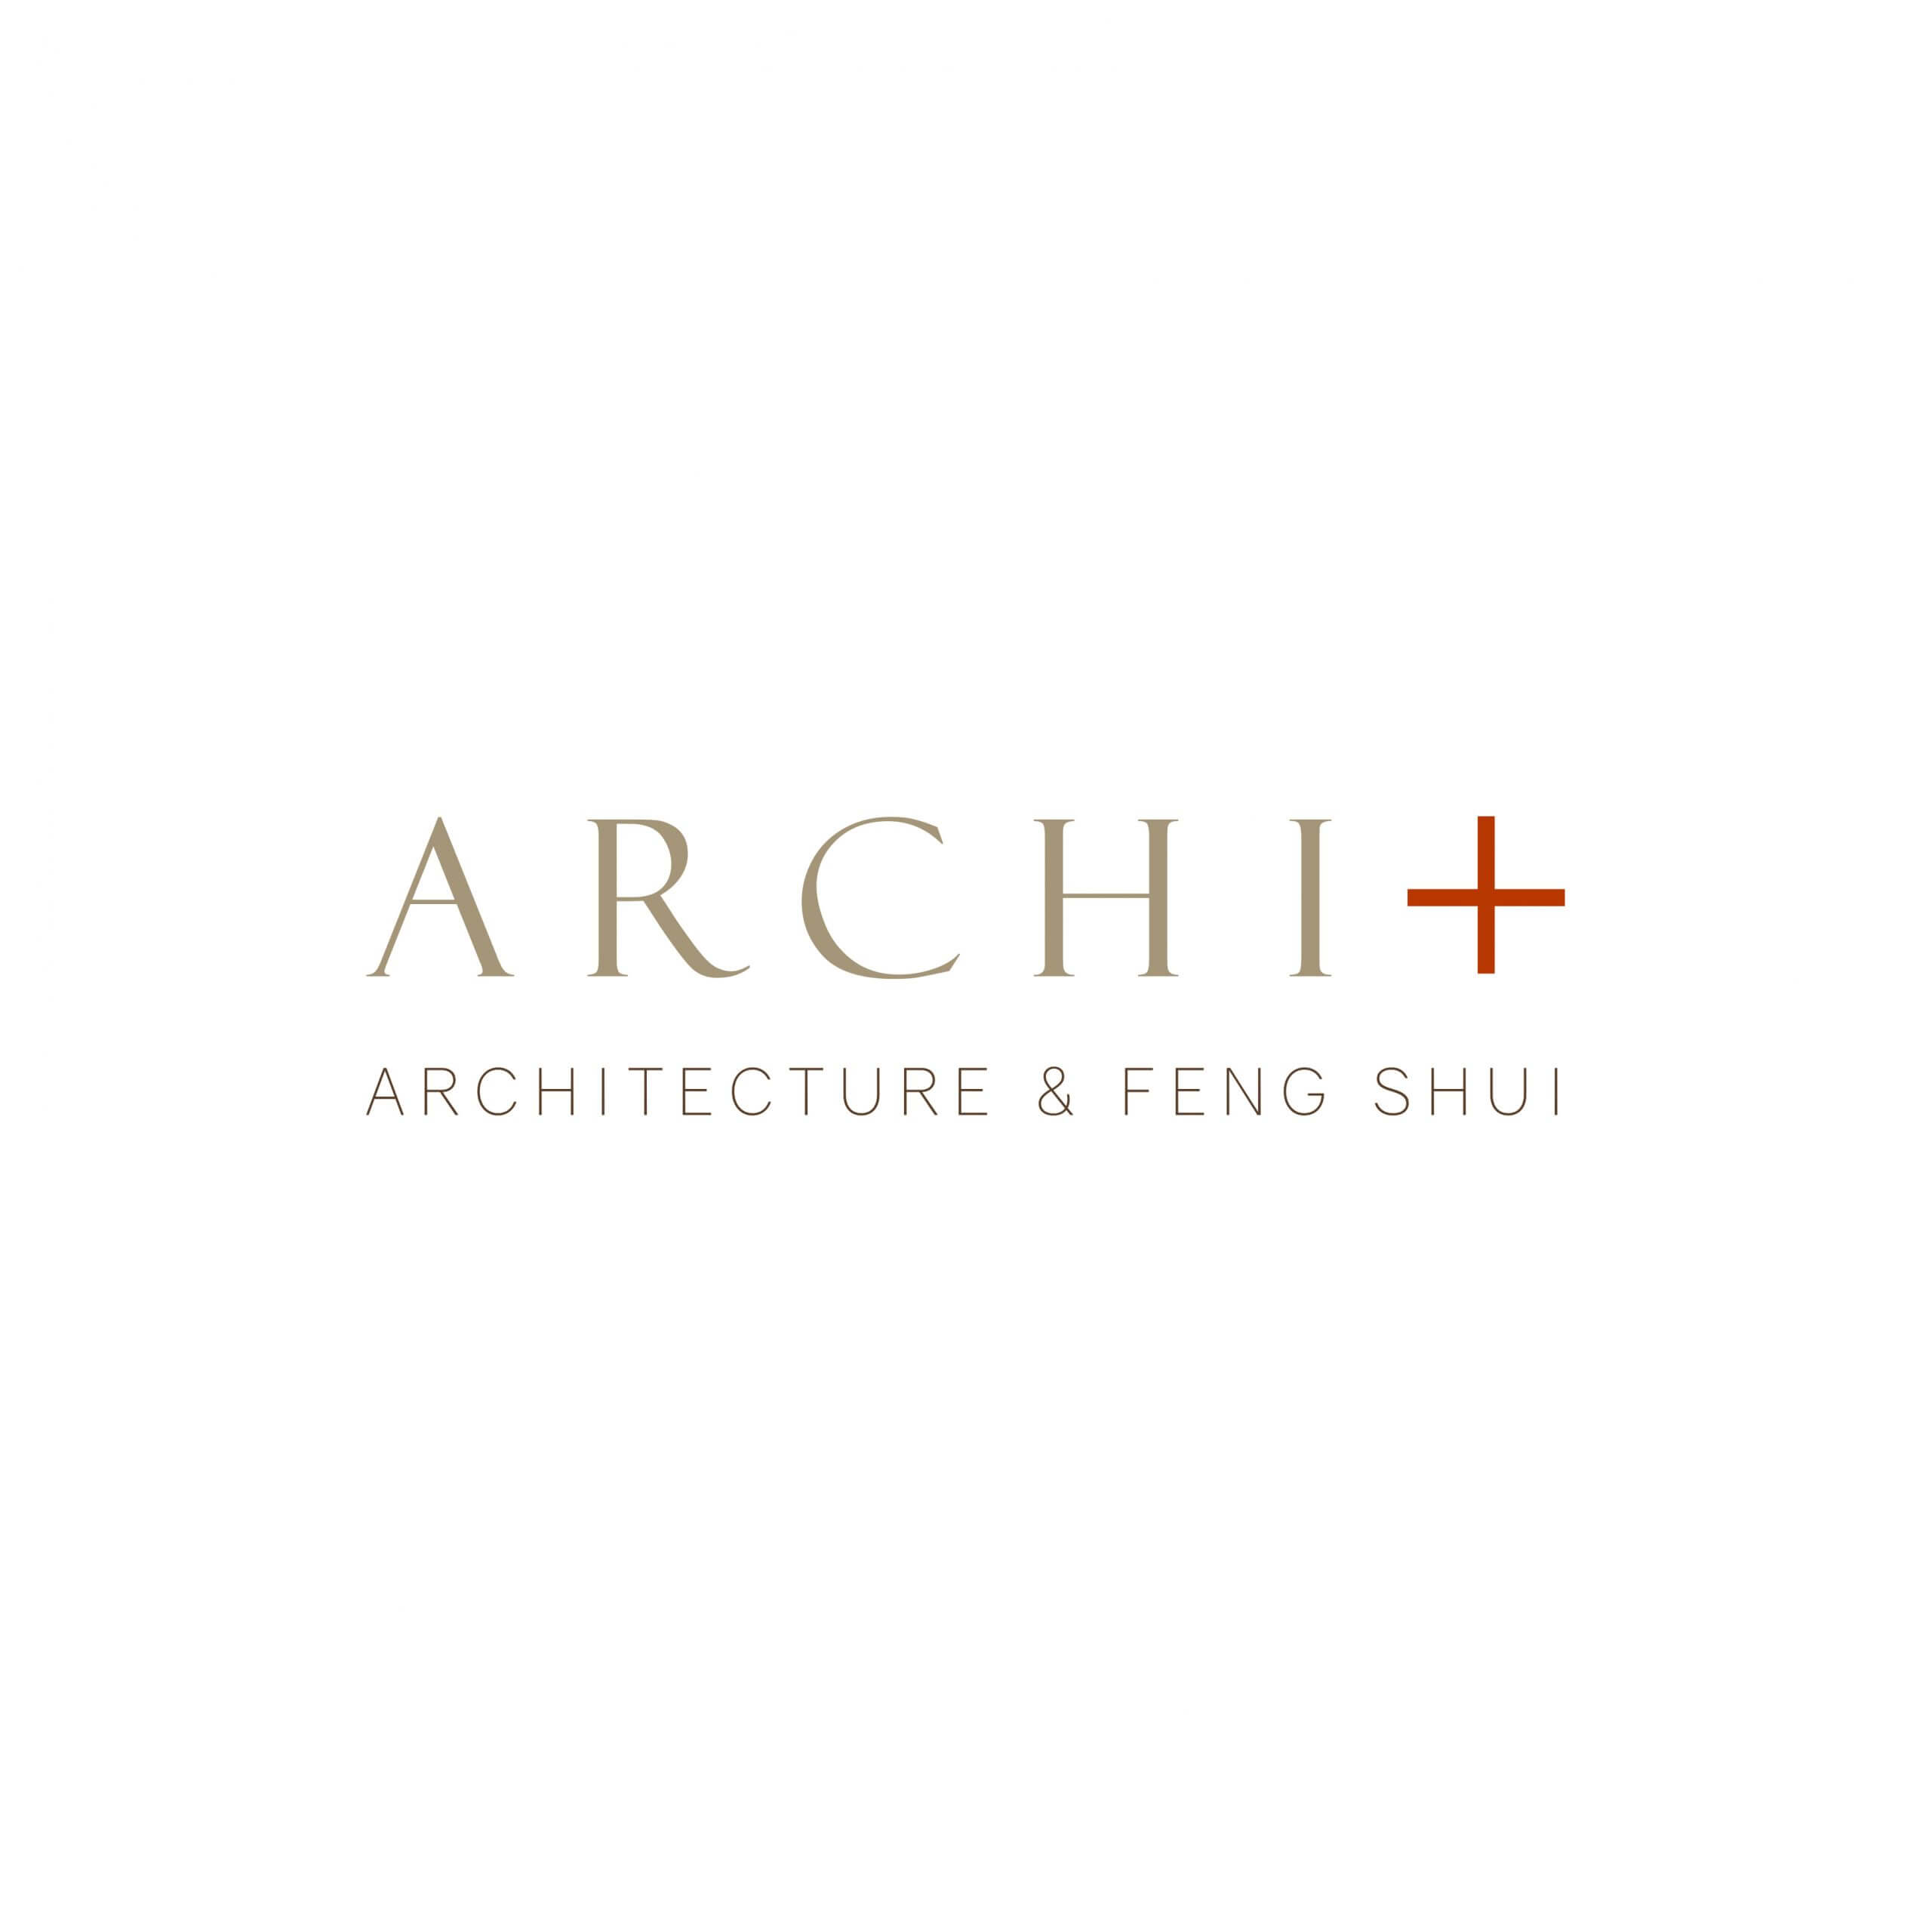 ARCHI+